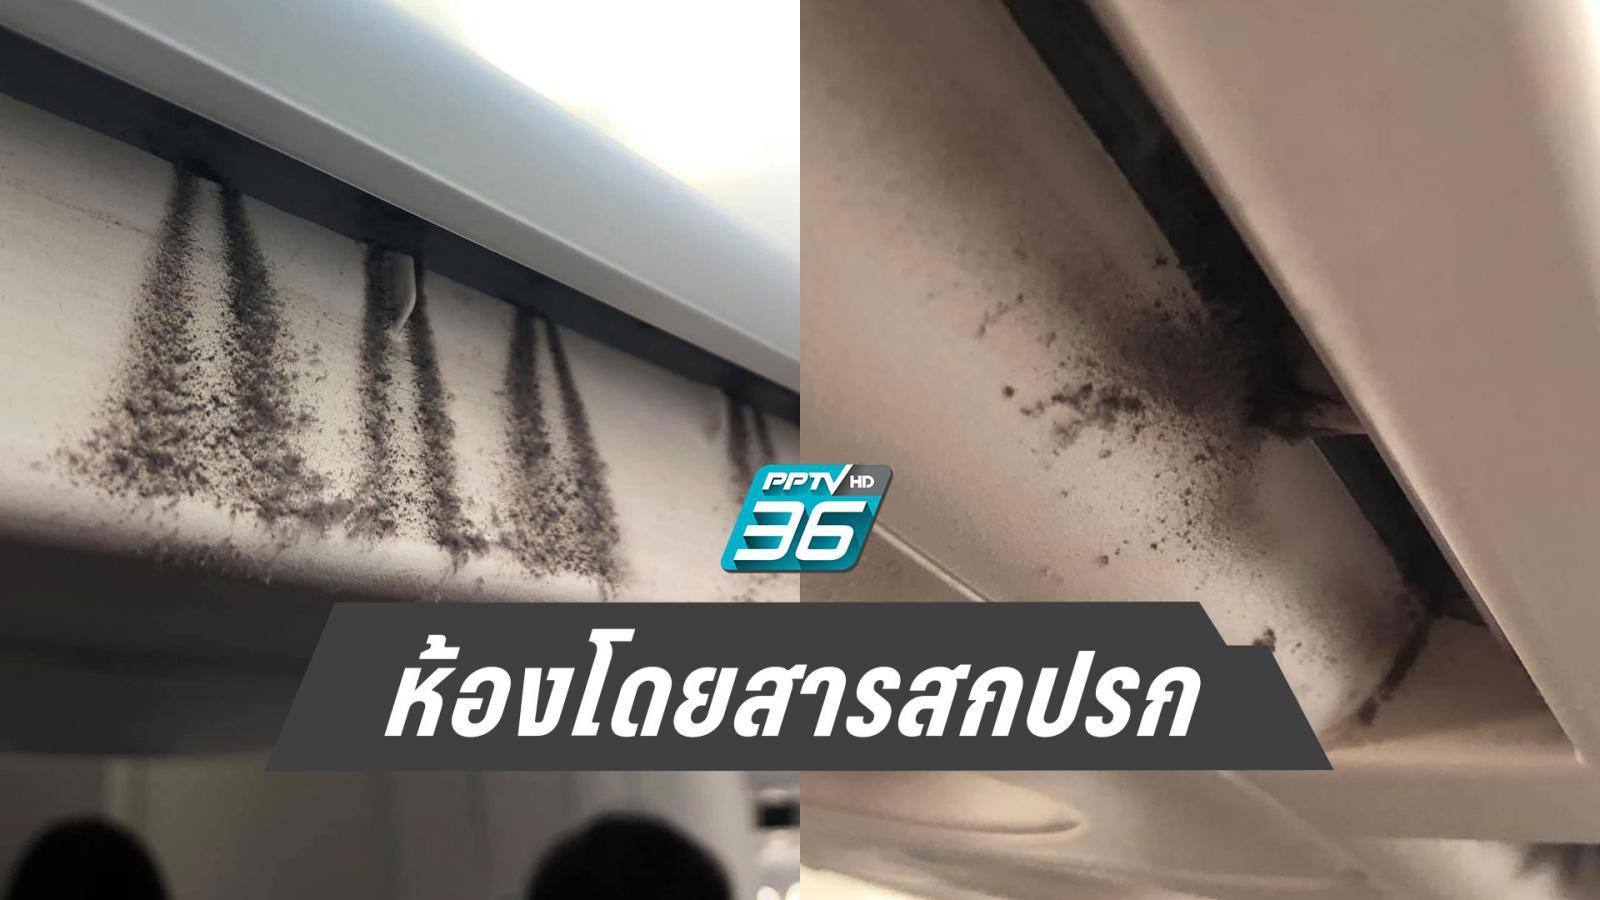 """""""การบินไทย"""" โร่ขอโทษ หลังผู้โดยสารโวย ห้องโดยสารสกปรกมาก ทำจามไม่หยุด!"""